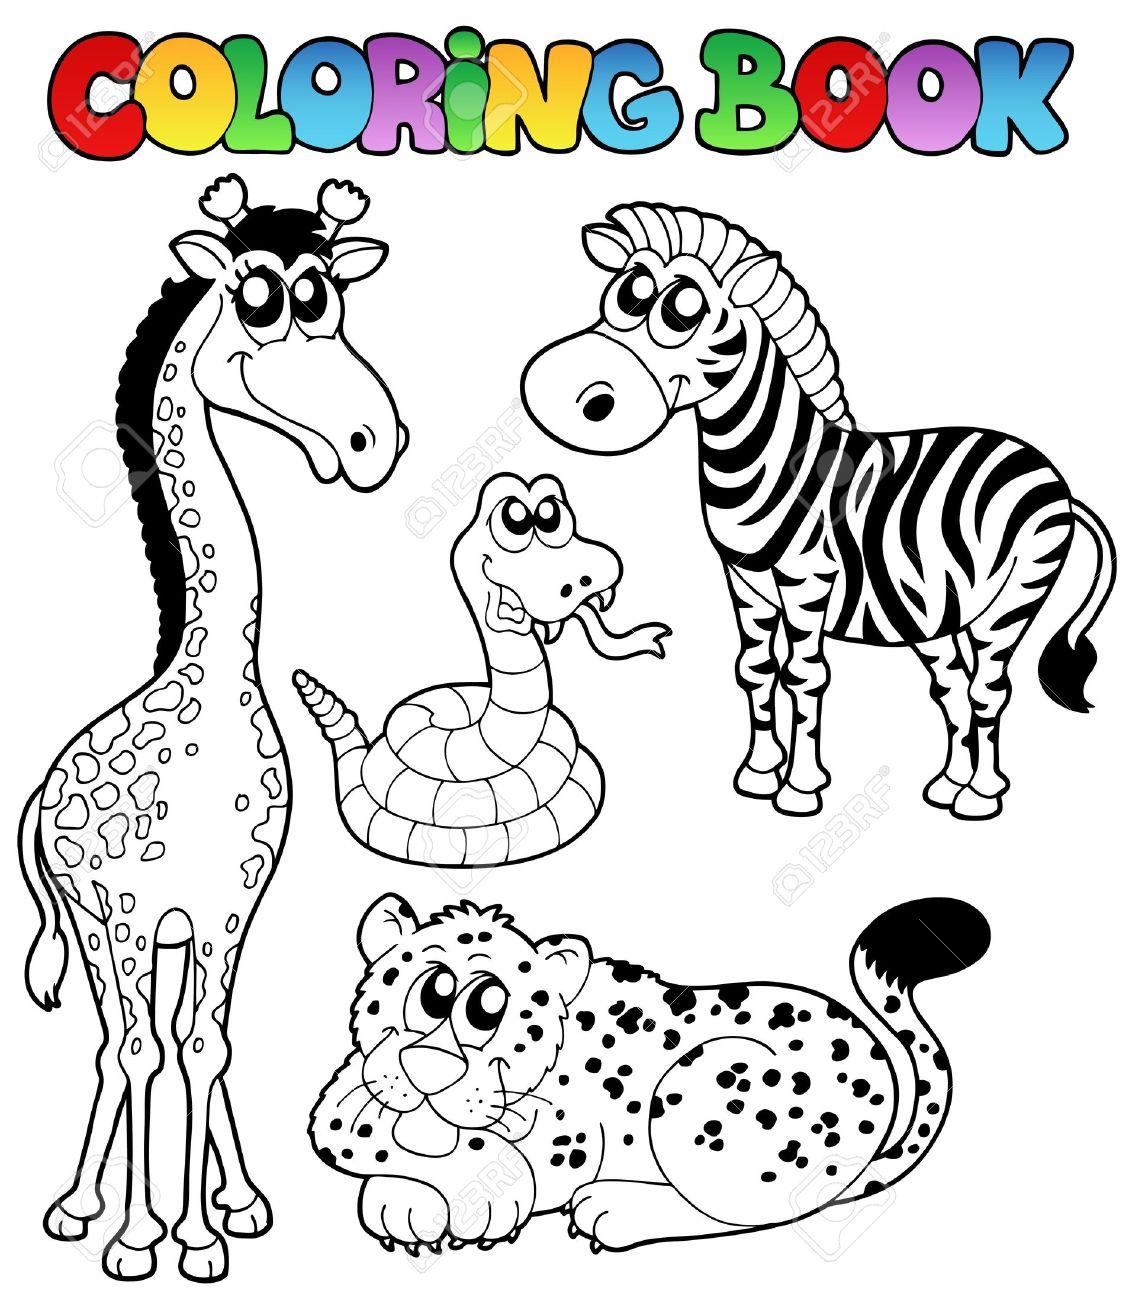 1 - のベクトル イラスト本熱帯動物の着色。 ロイヤリティフリー